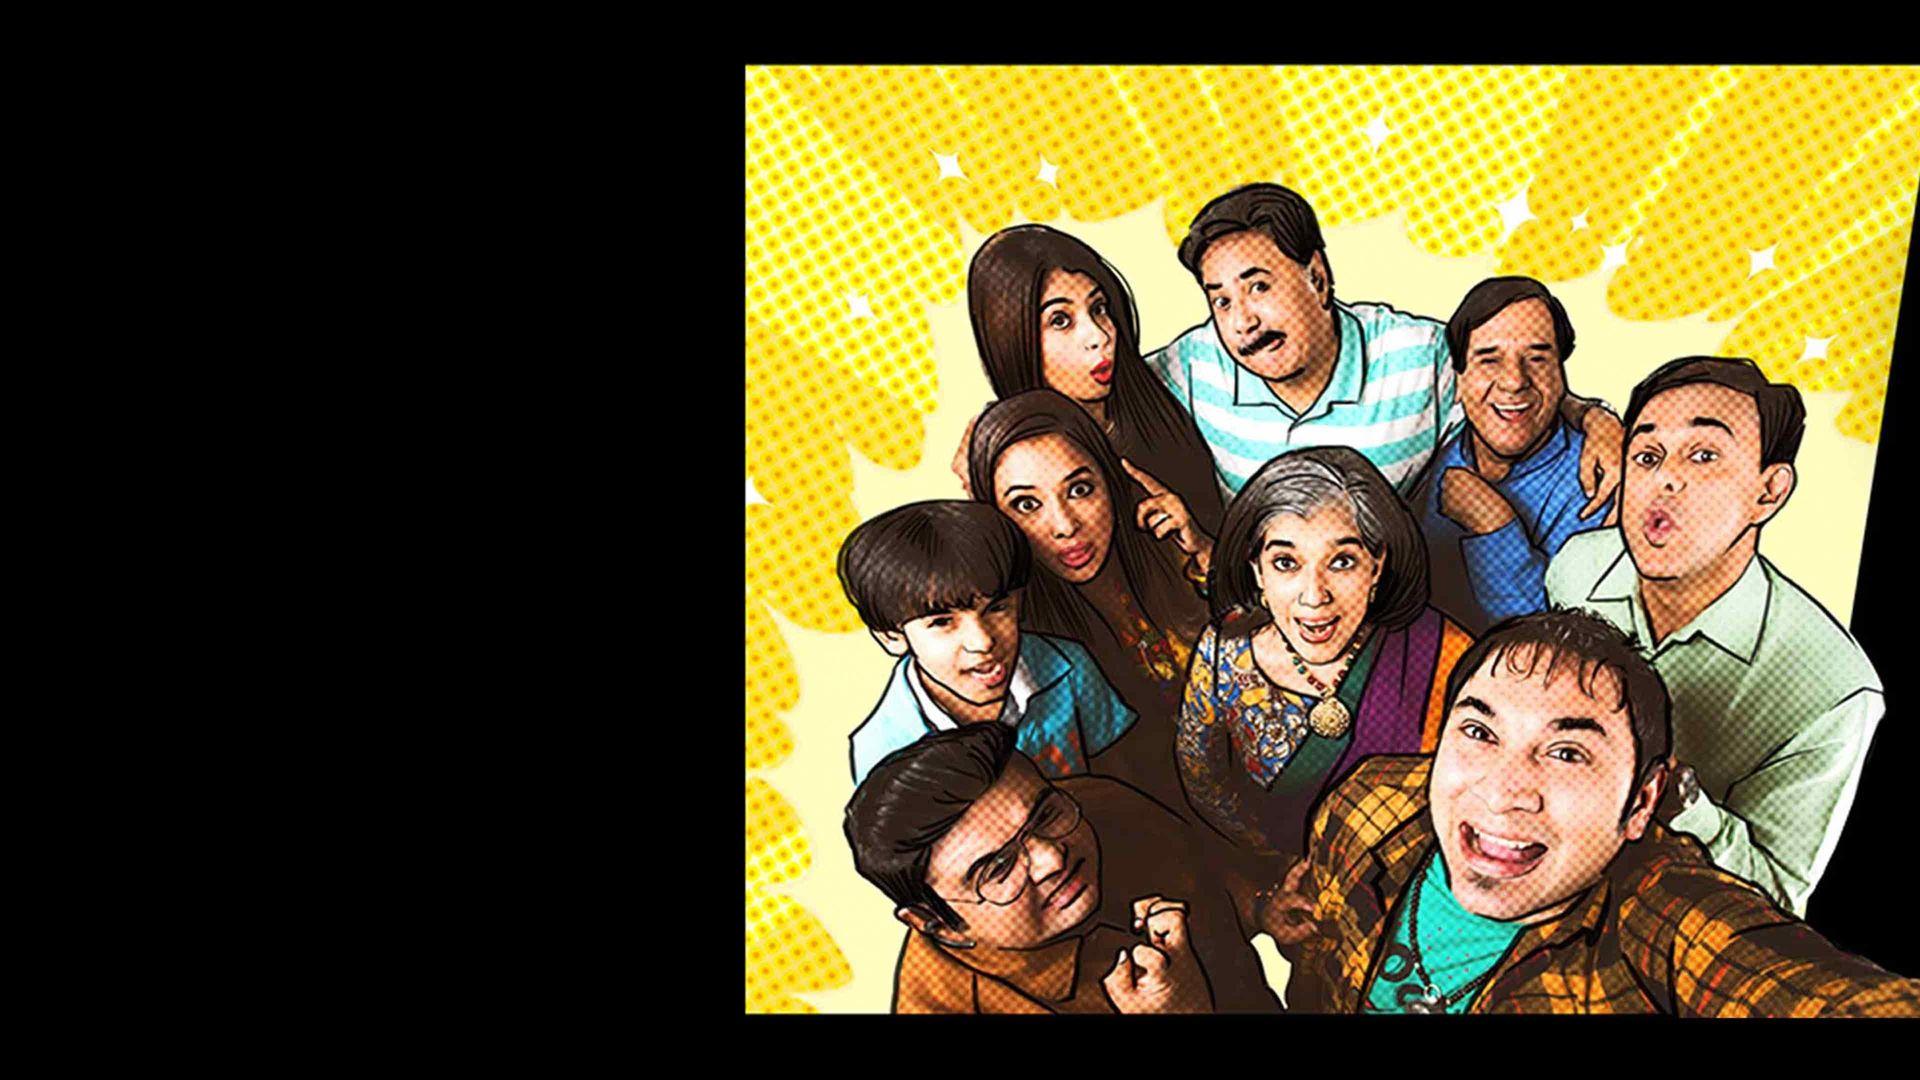 Season 01, Episode 01 Introduction to Sarabhai family